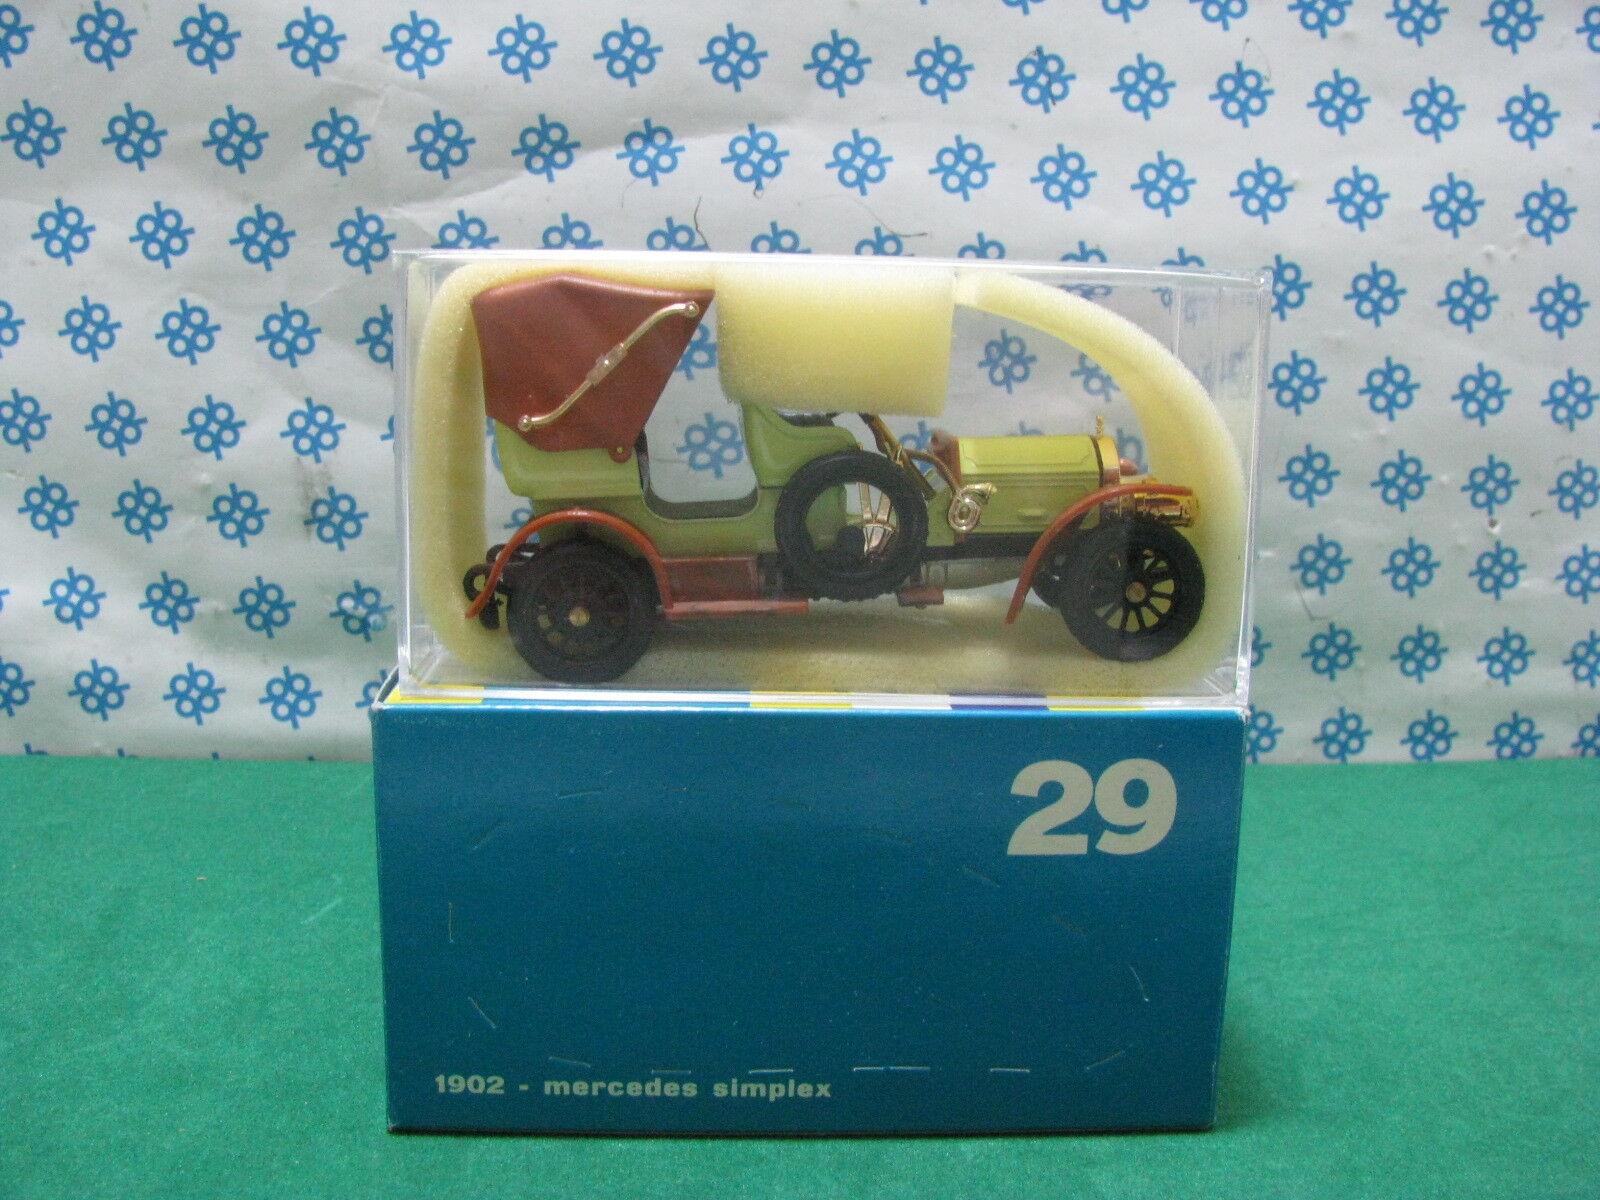 Vintage - Mercedes Simplex 1902 - 1 43 Rio 29 29 29 Mint 017a57